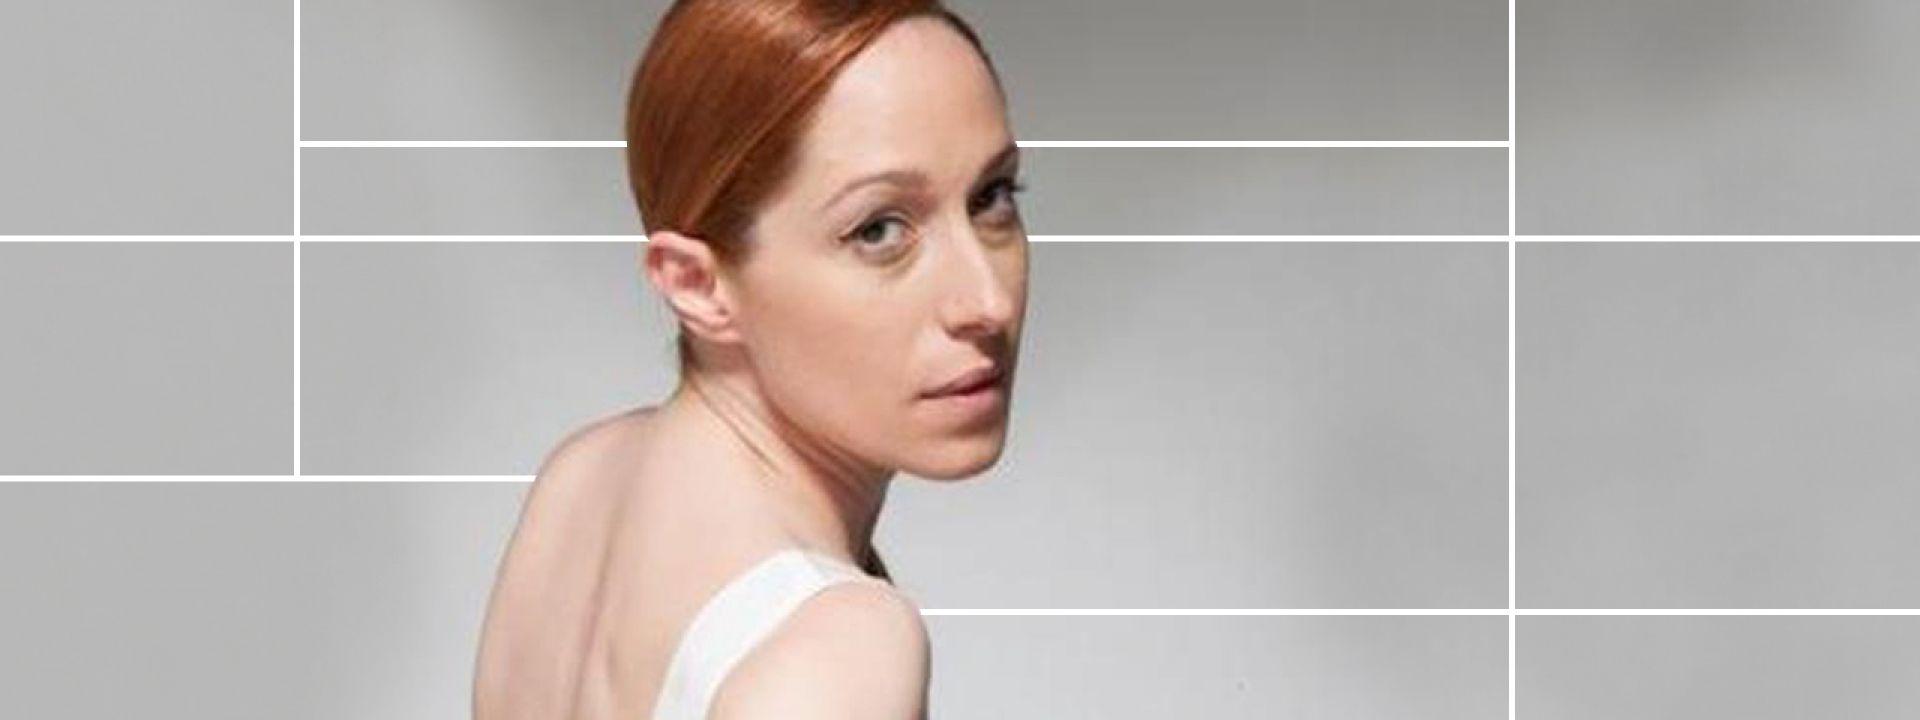 Φωτογραφία που απεικονίζει την ηθοποιό Κόρα Καρβούνη